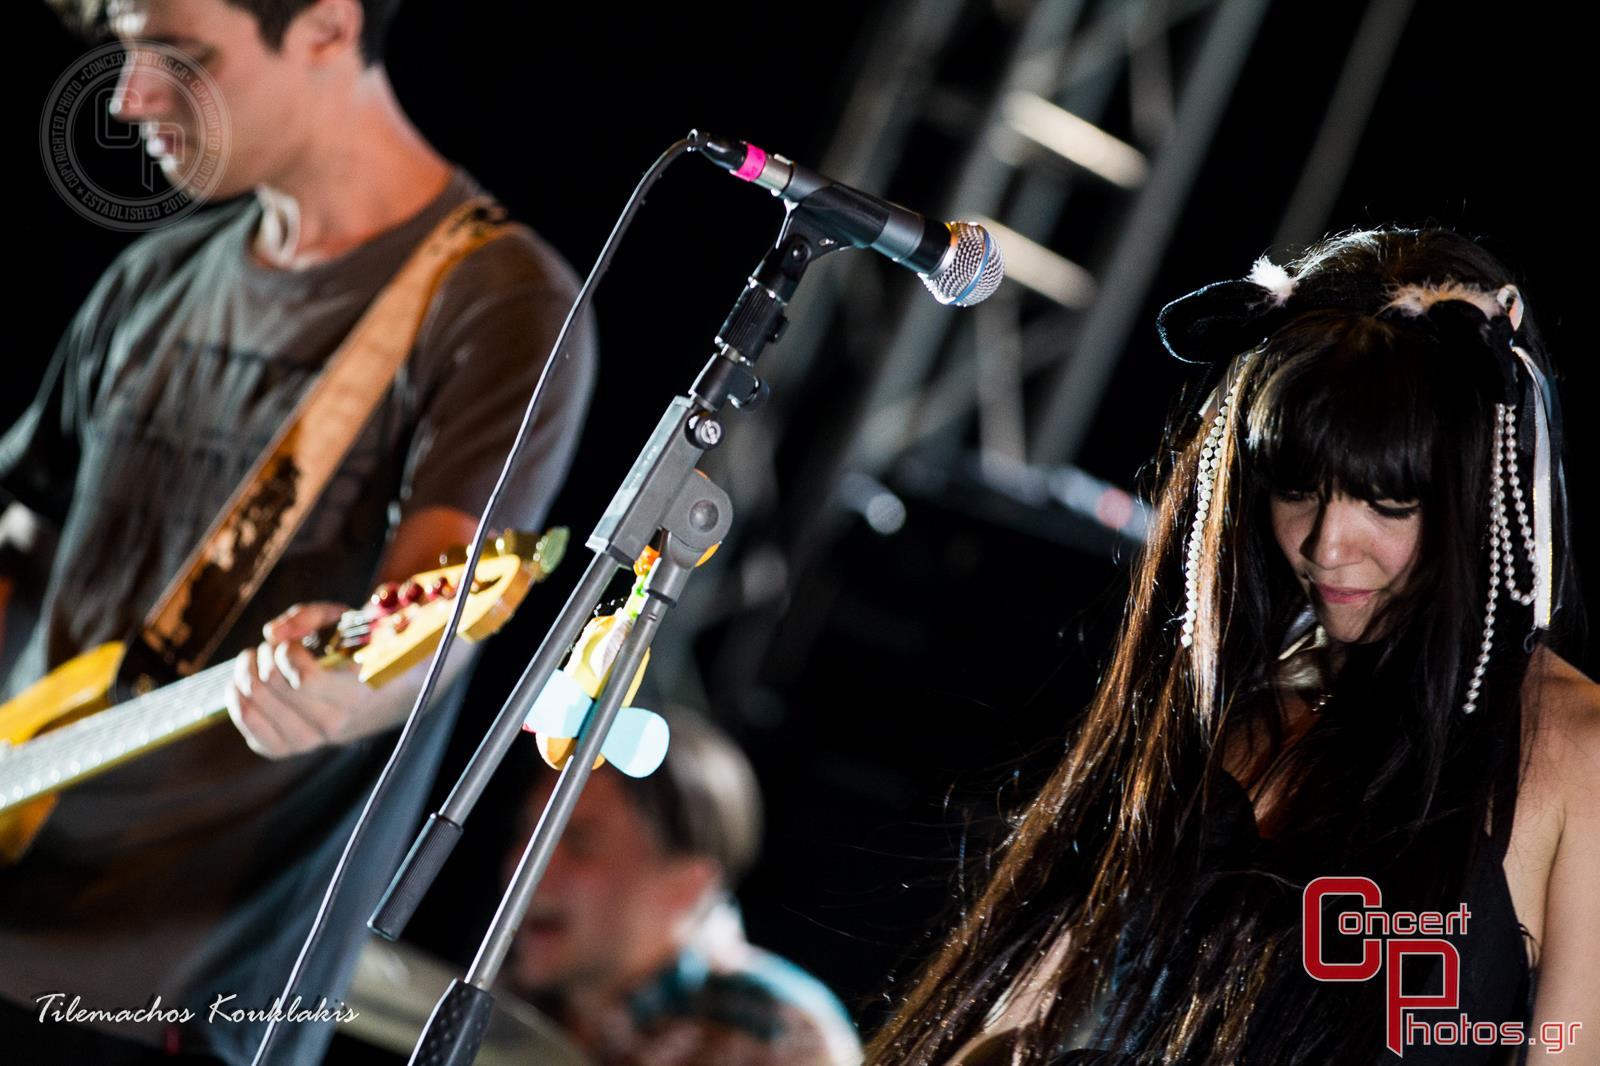 James & Moan-James-Theatro Vrachon photographer:  - Rockwave-2014-13